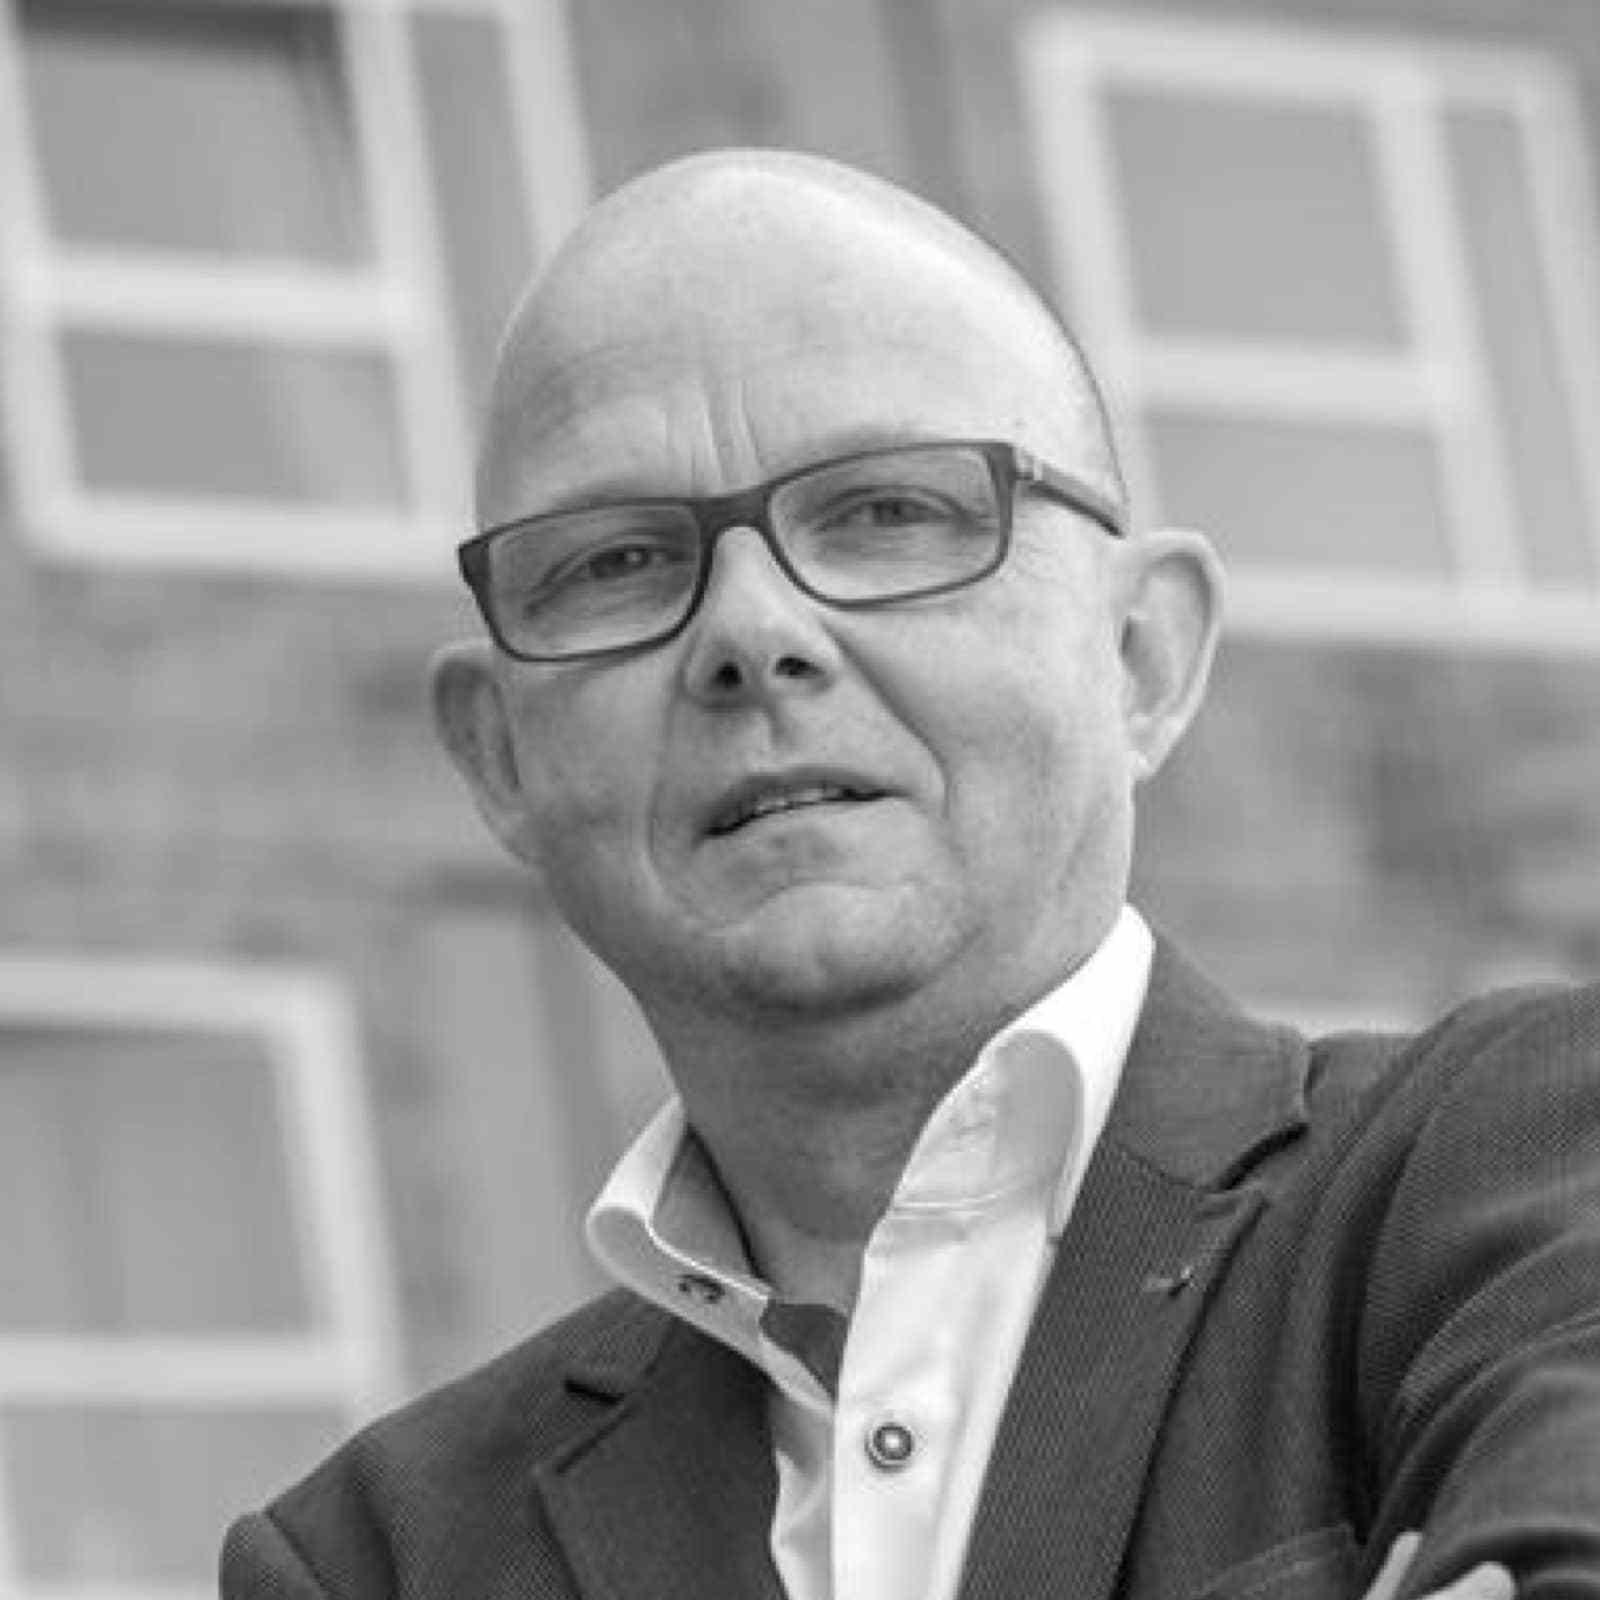 Marco de Jong - Boekhouder in Hilversum